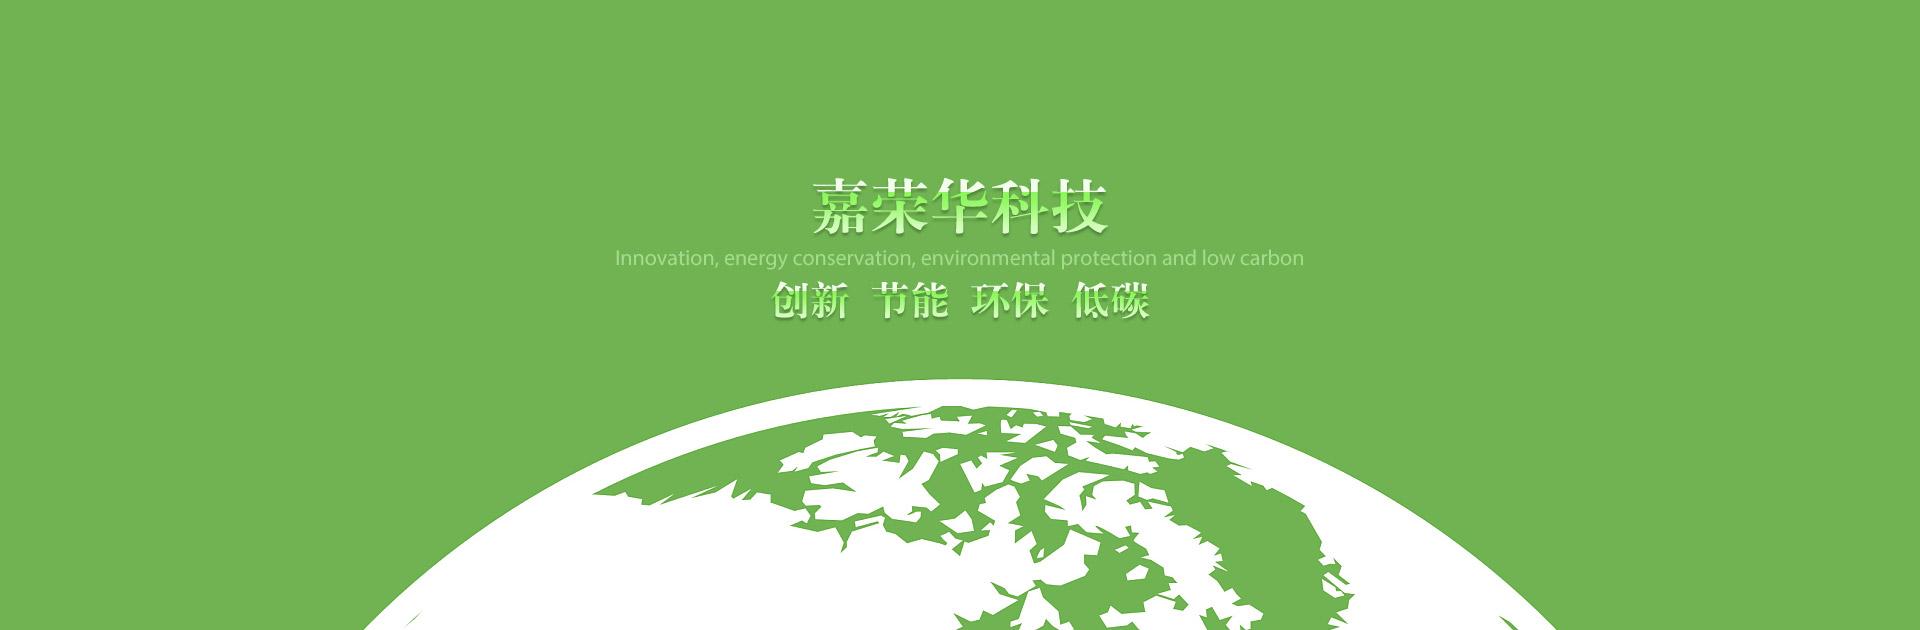 節能 環(huan)保 低碳生活(huo)